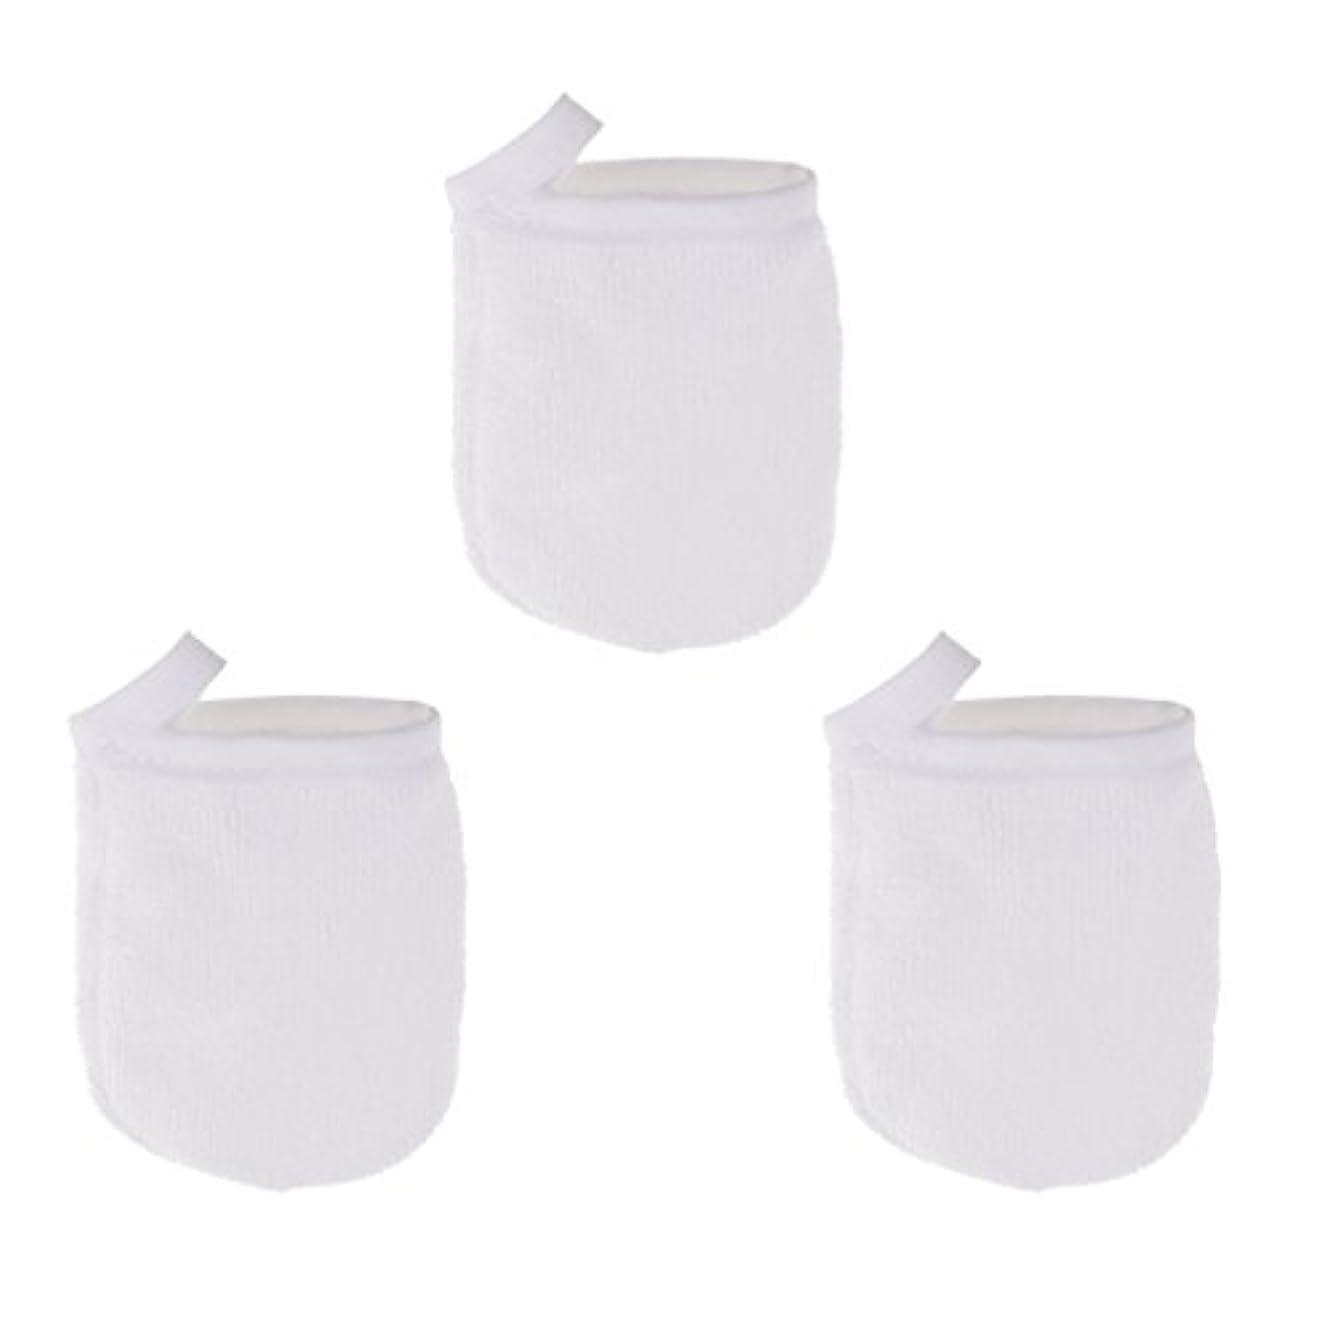 禁じるキャンドルプリーツToygogo 洗顔グローブ 手袋 ソフト フェイスクレンジンググローブ メイクリムーバー スキンケア 3個